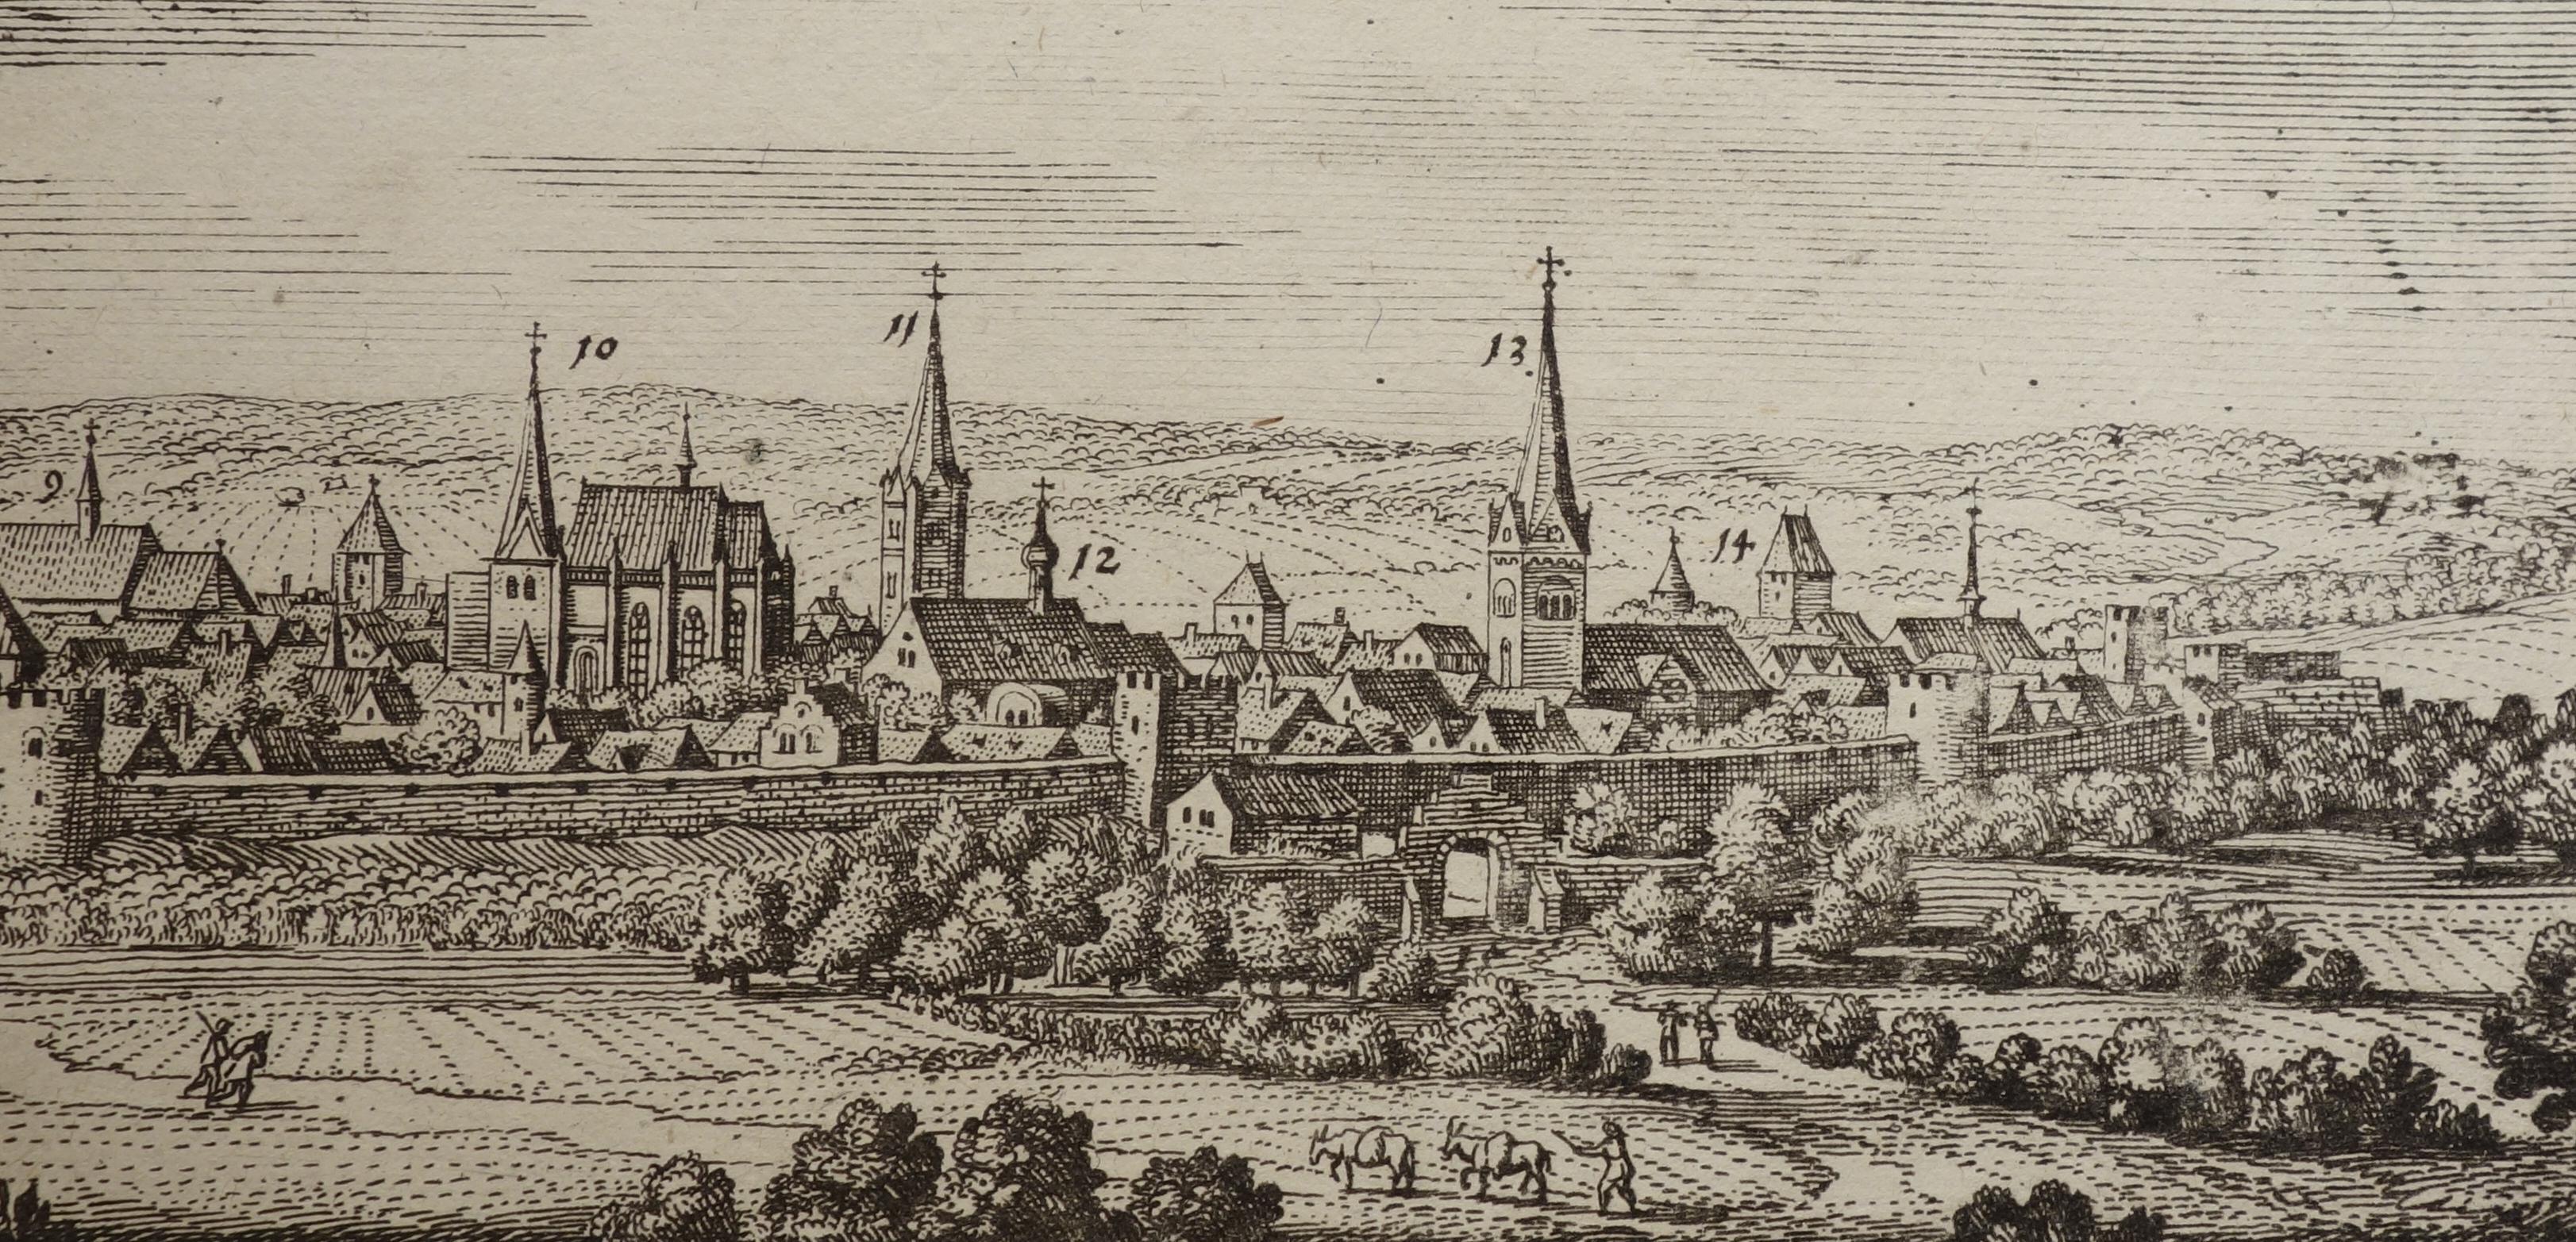 Ansicht von Osnabrugum Ossenbrück (Osnabrück) und Susathum: Matthaeus Merian: